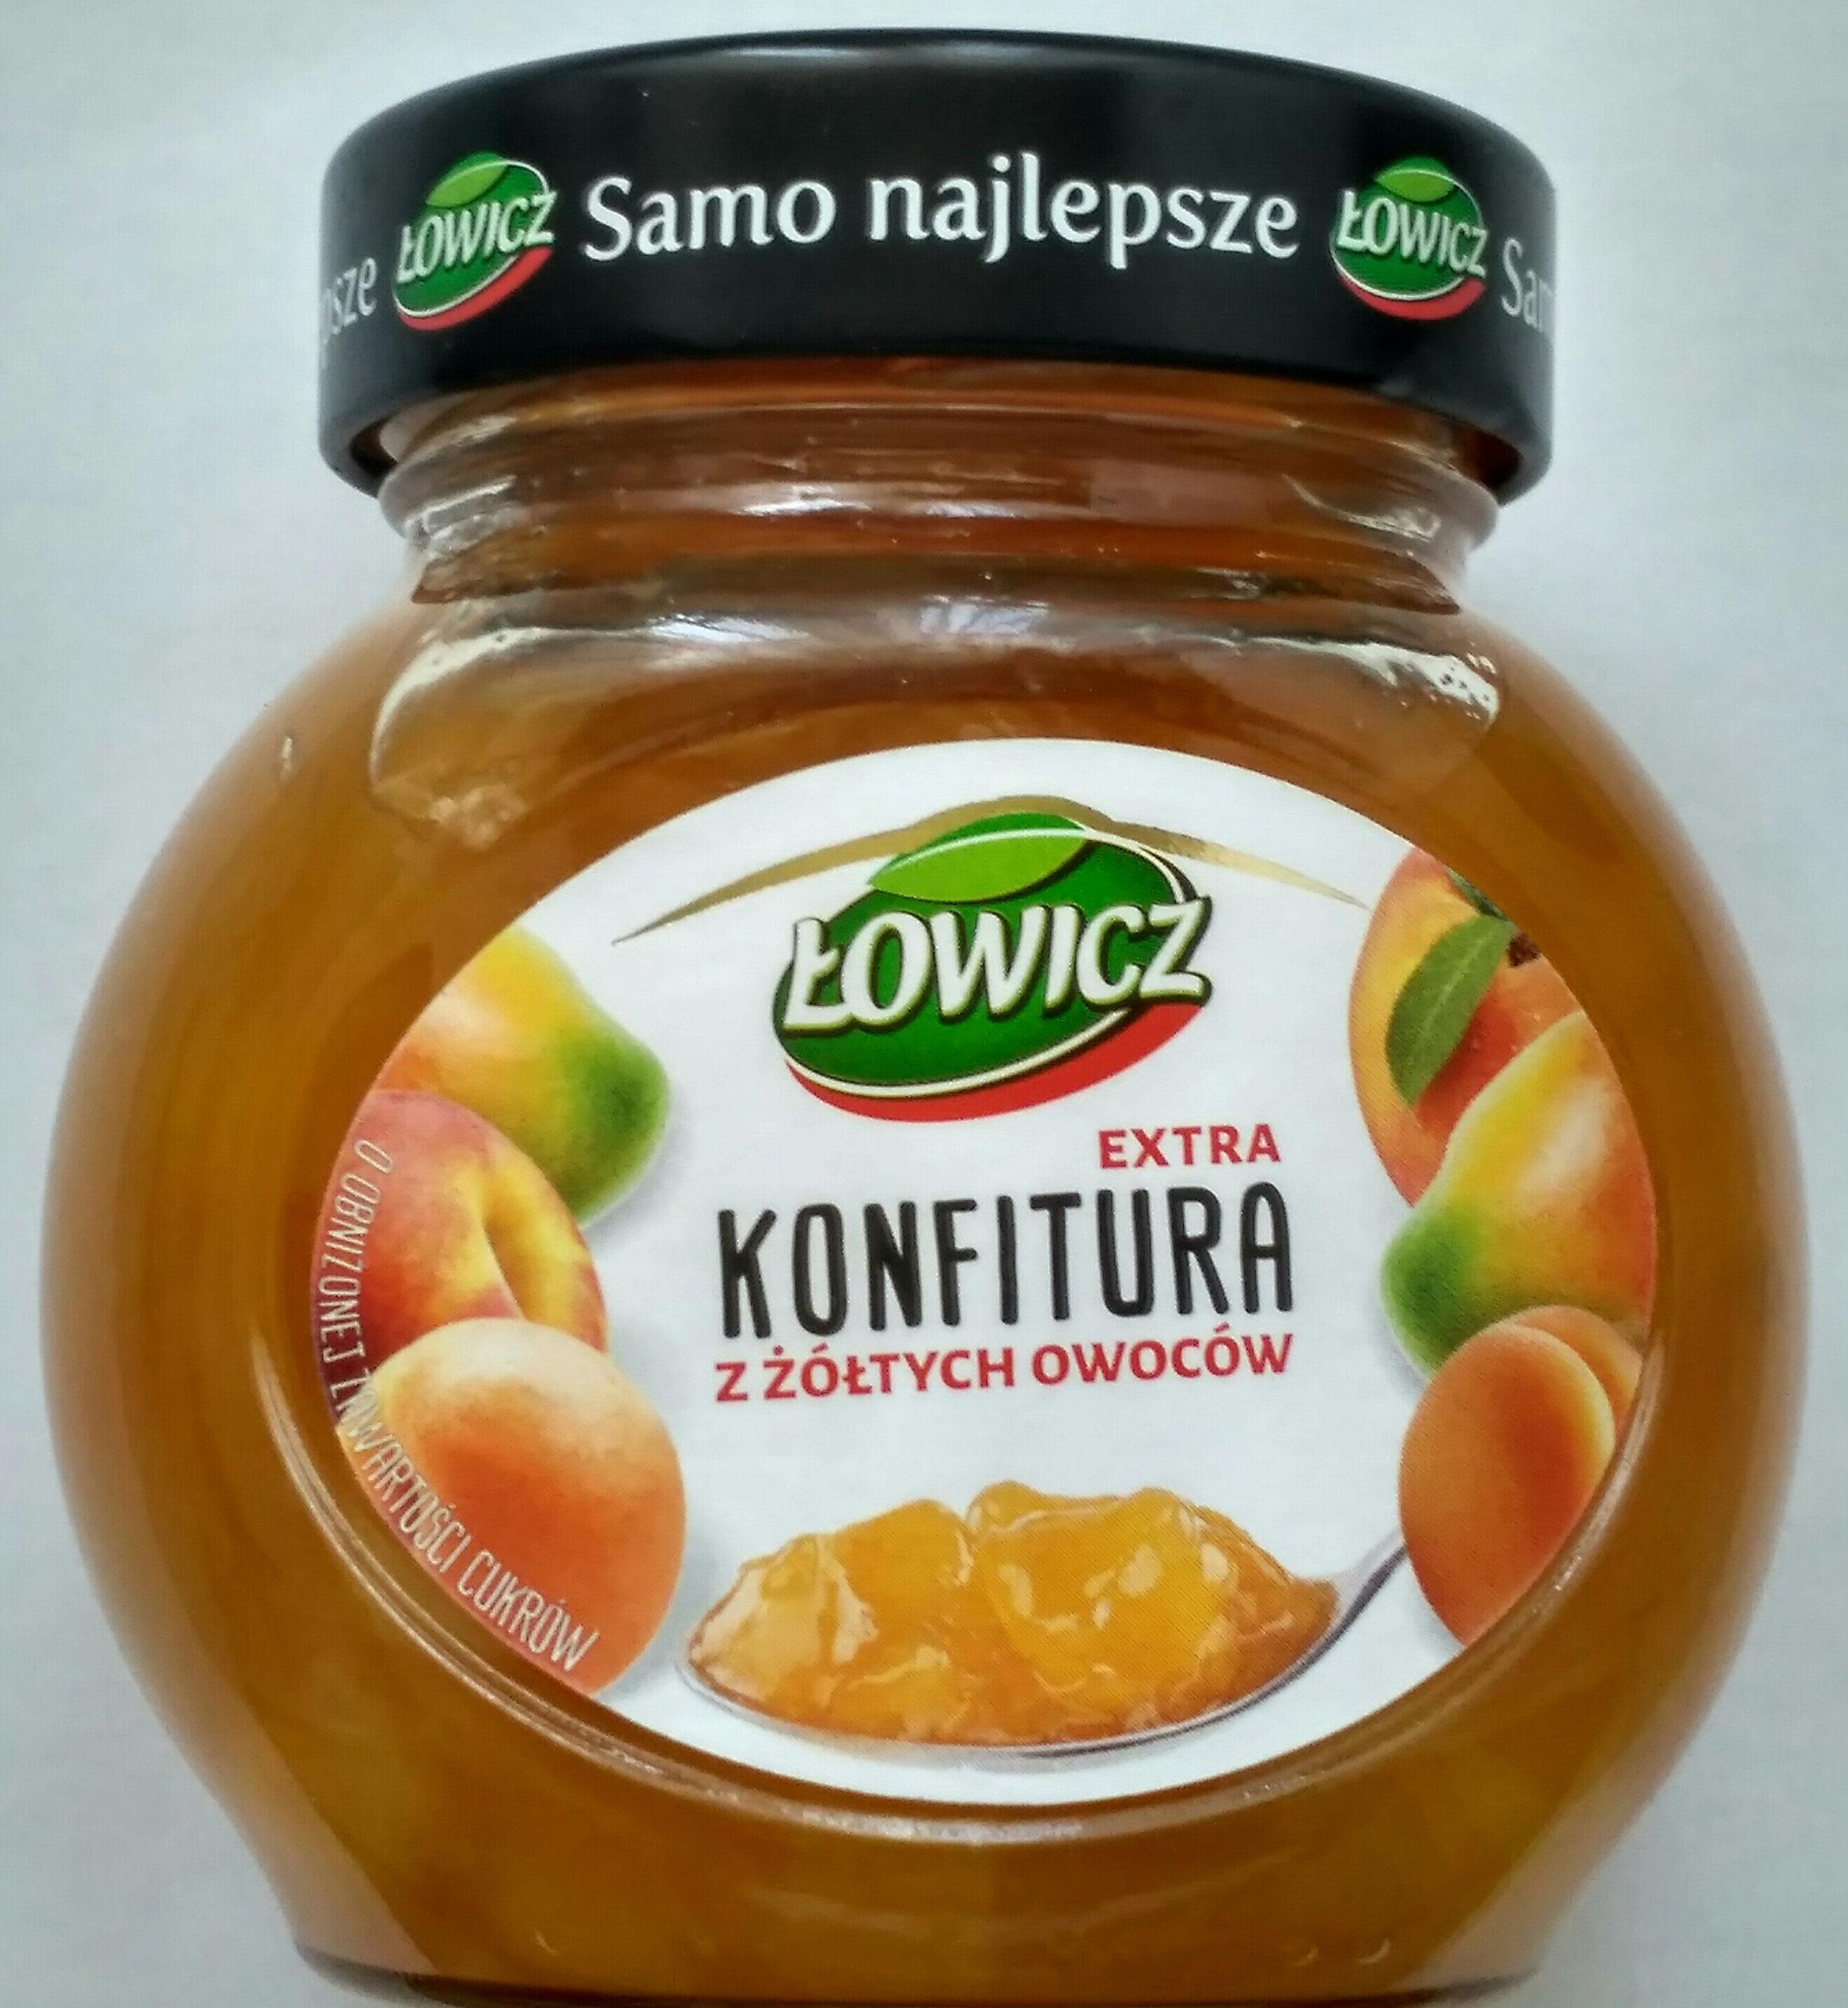 Konfitura z żółtych owoców - Product - pl